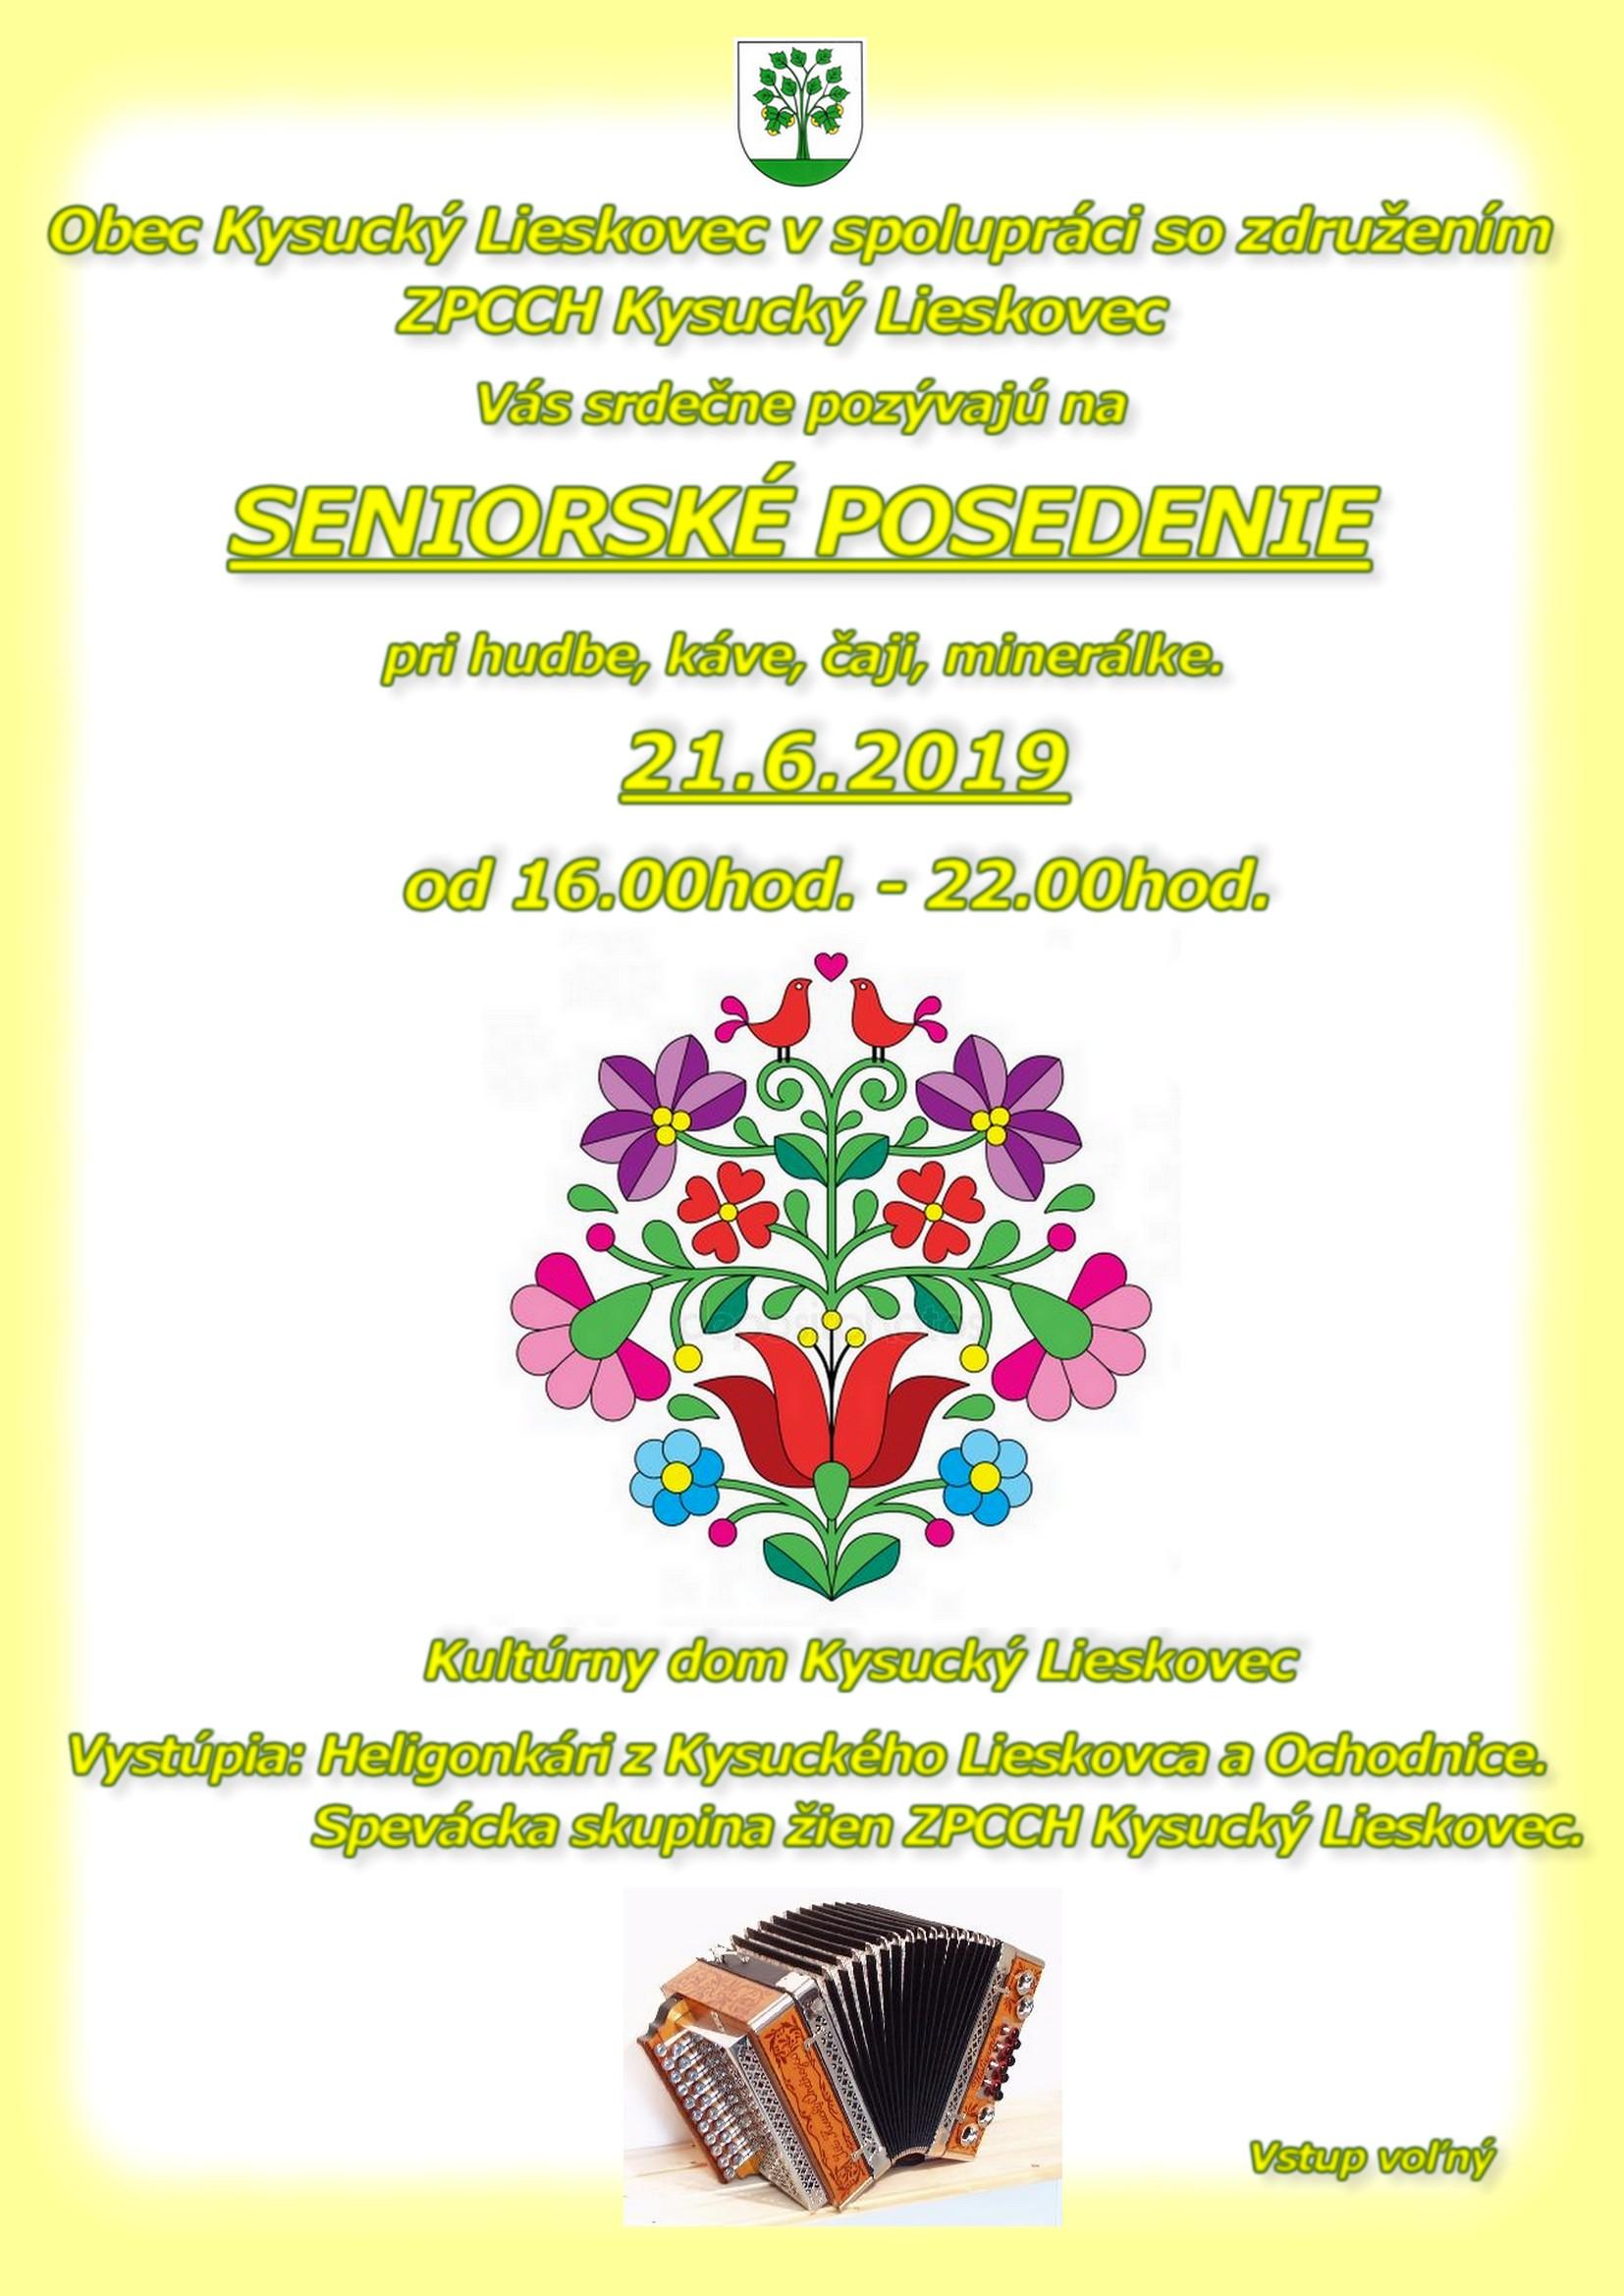 Wioska Kysucky Lieskovec we współpracy ze stowarzyszeniem ZPCCH Kysucky Lieskovec zaprasza na SENIOR ASSEMBLY 21.6.2019 od 16:00 do 22:00.